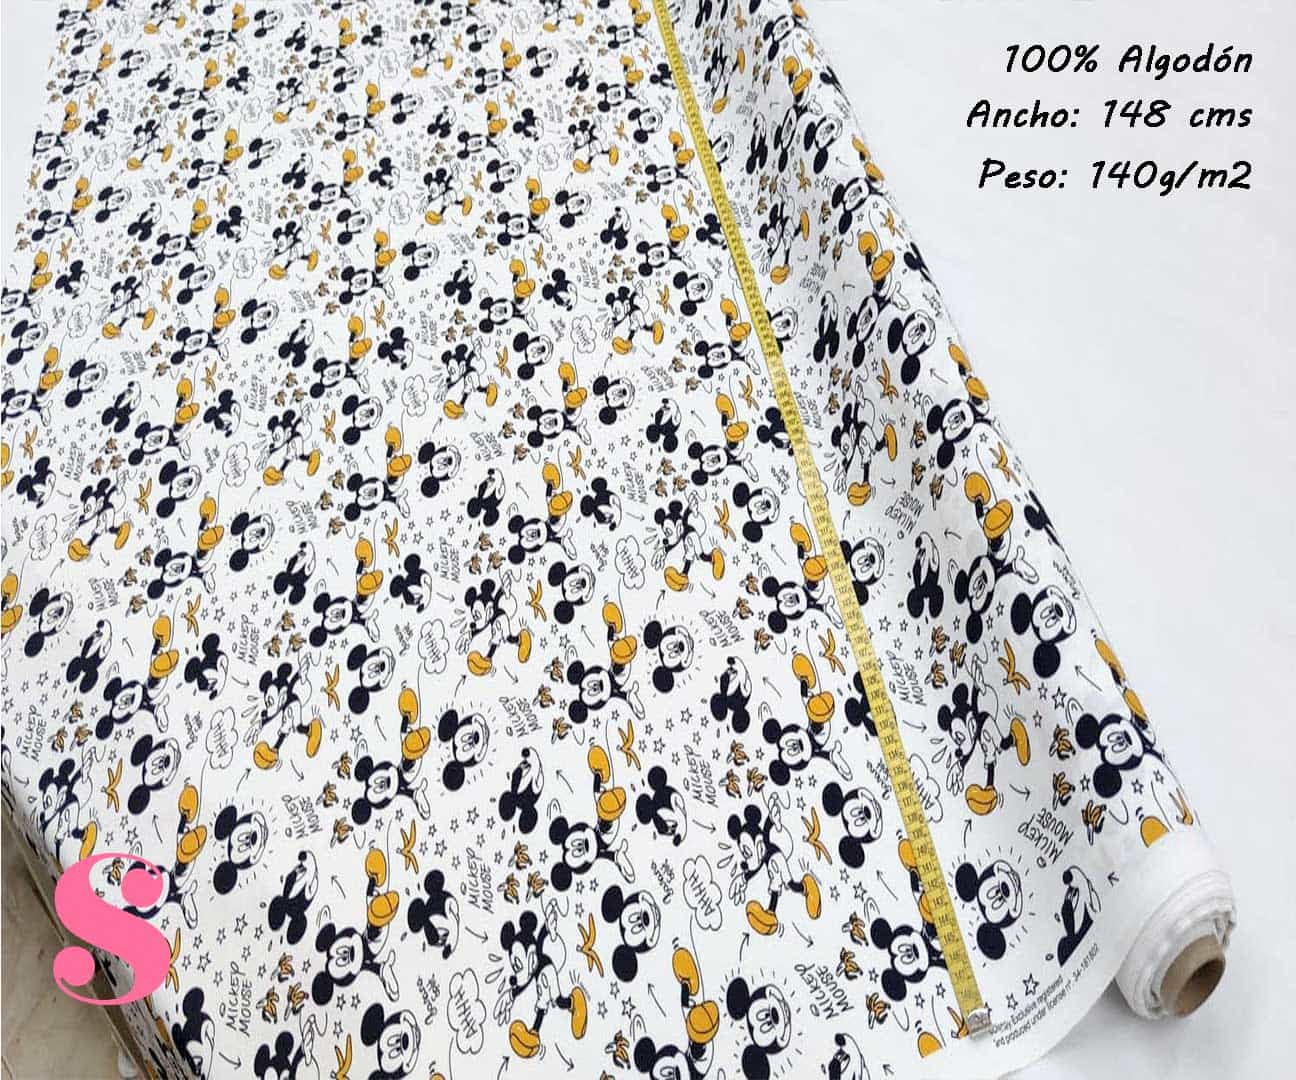 151-mickey-mouse-disney-tejidos-estampado-popelin,Tejido Estampado Disney Mickey Mouse Banana